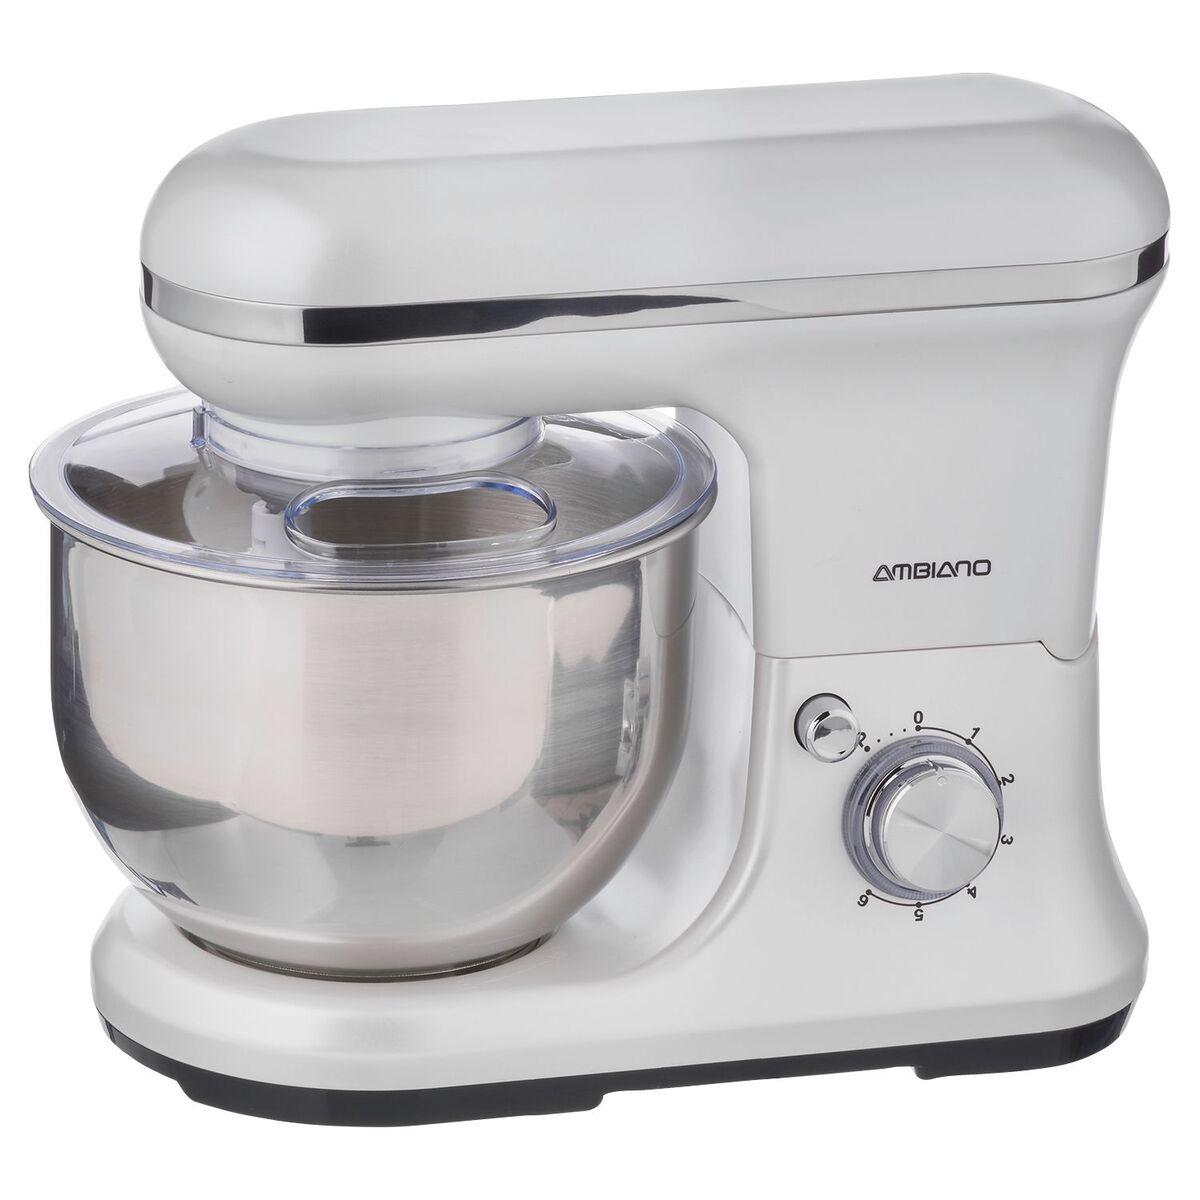 Bild 2 von AMBIANO®  Klassische Küchenmaschine